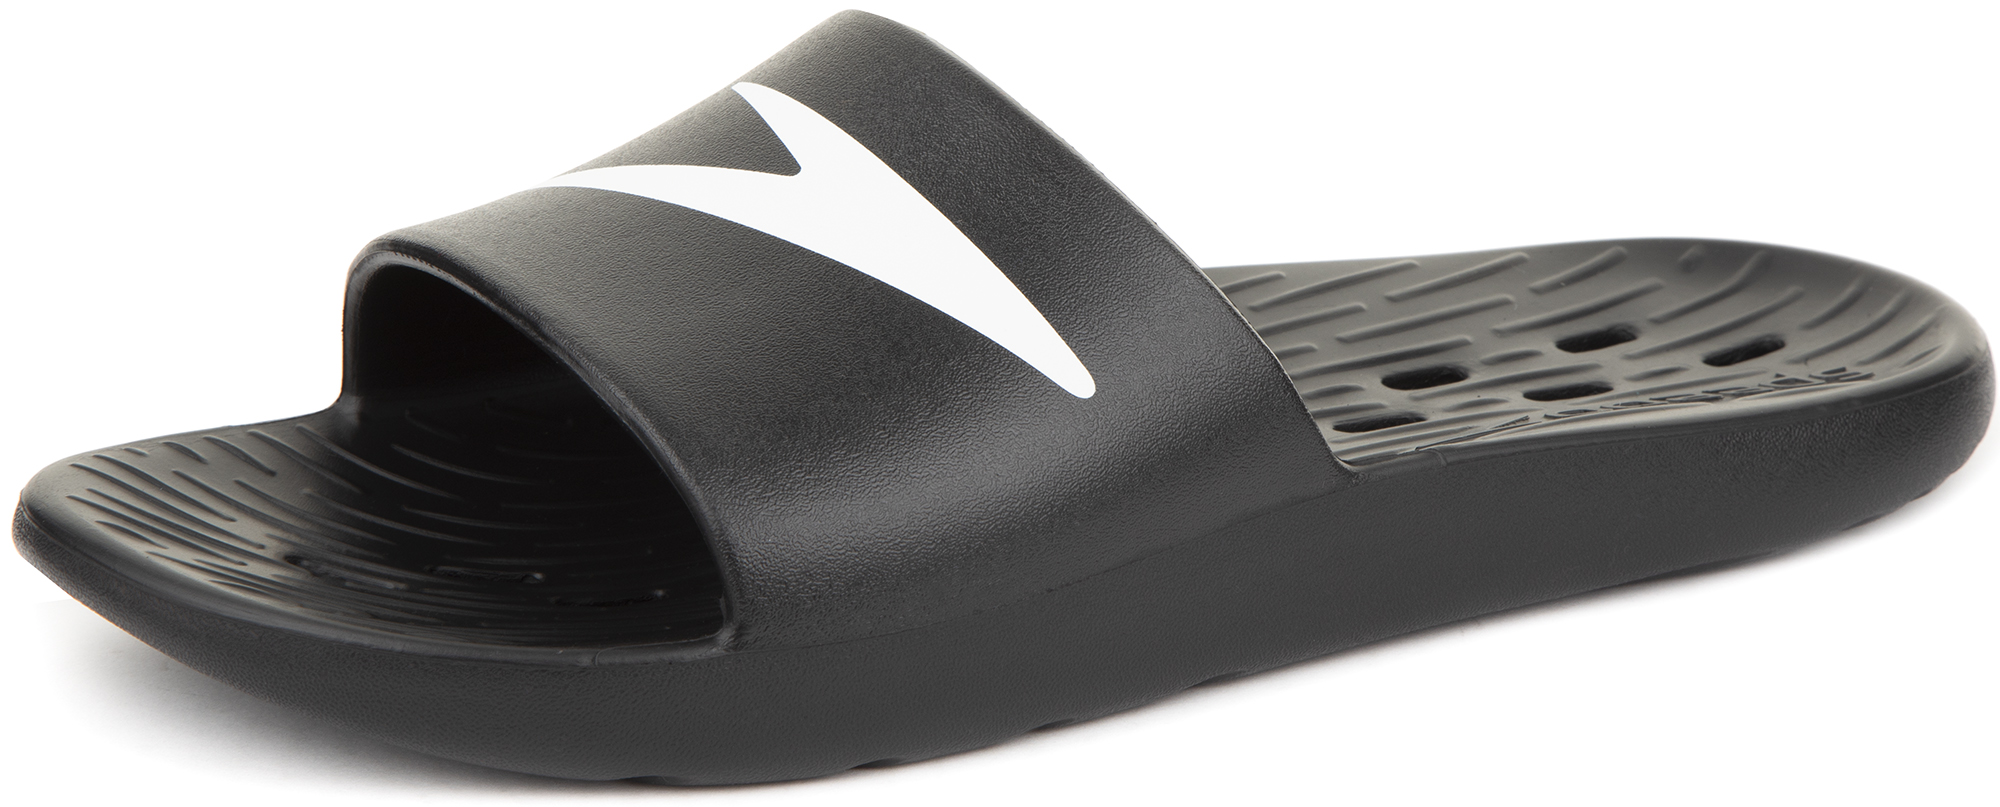 цена Speedo Шлепанцы мужские Speedo Slides, размер 46 онлайн в 2017 году